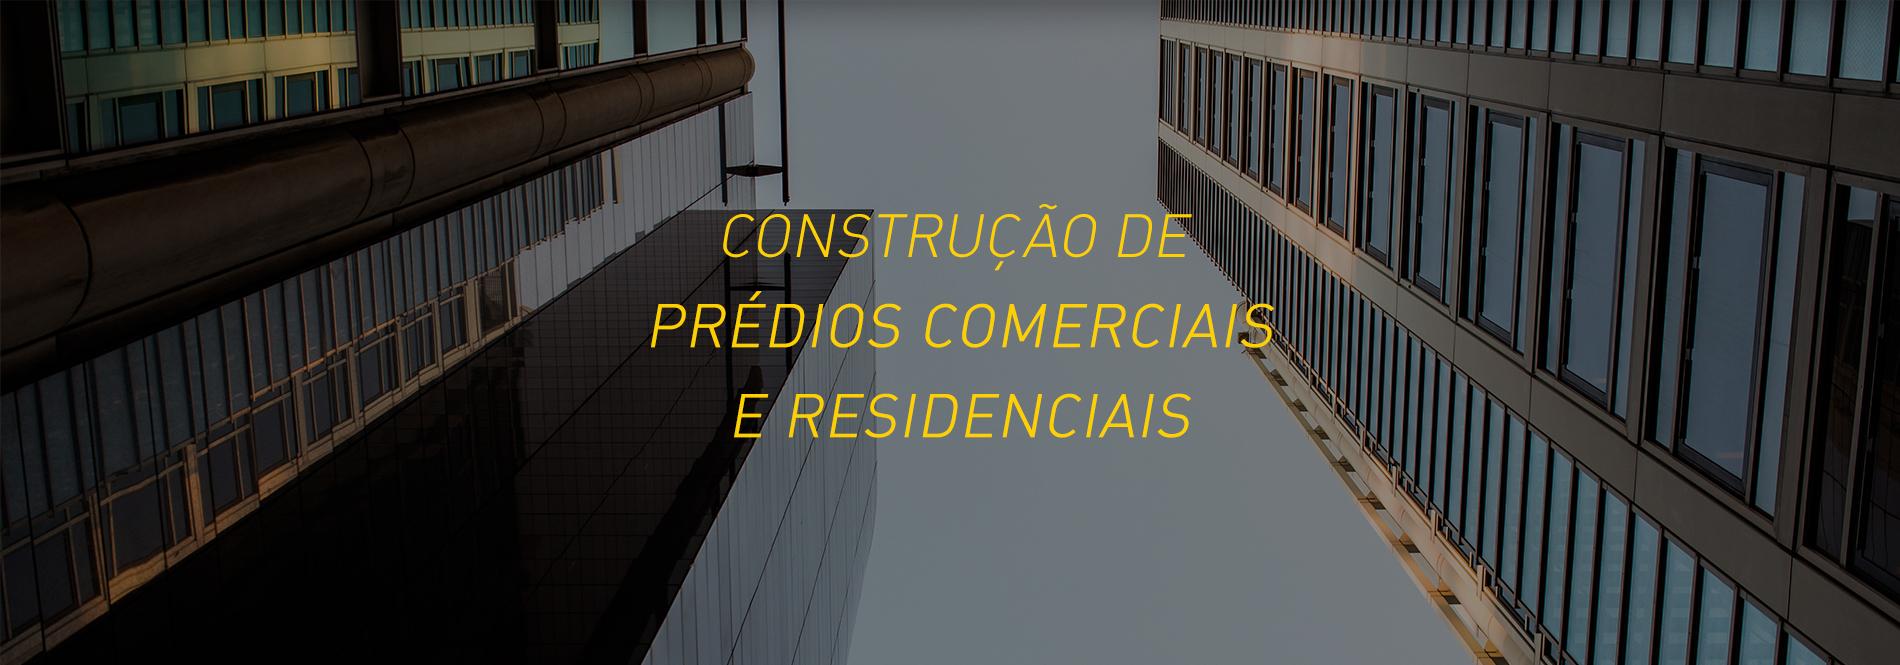 [construção de prédios comerciais e residenciais]